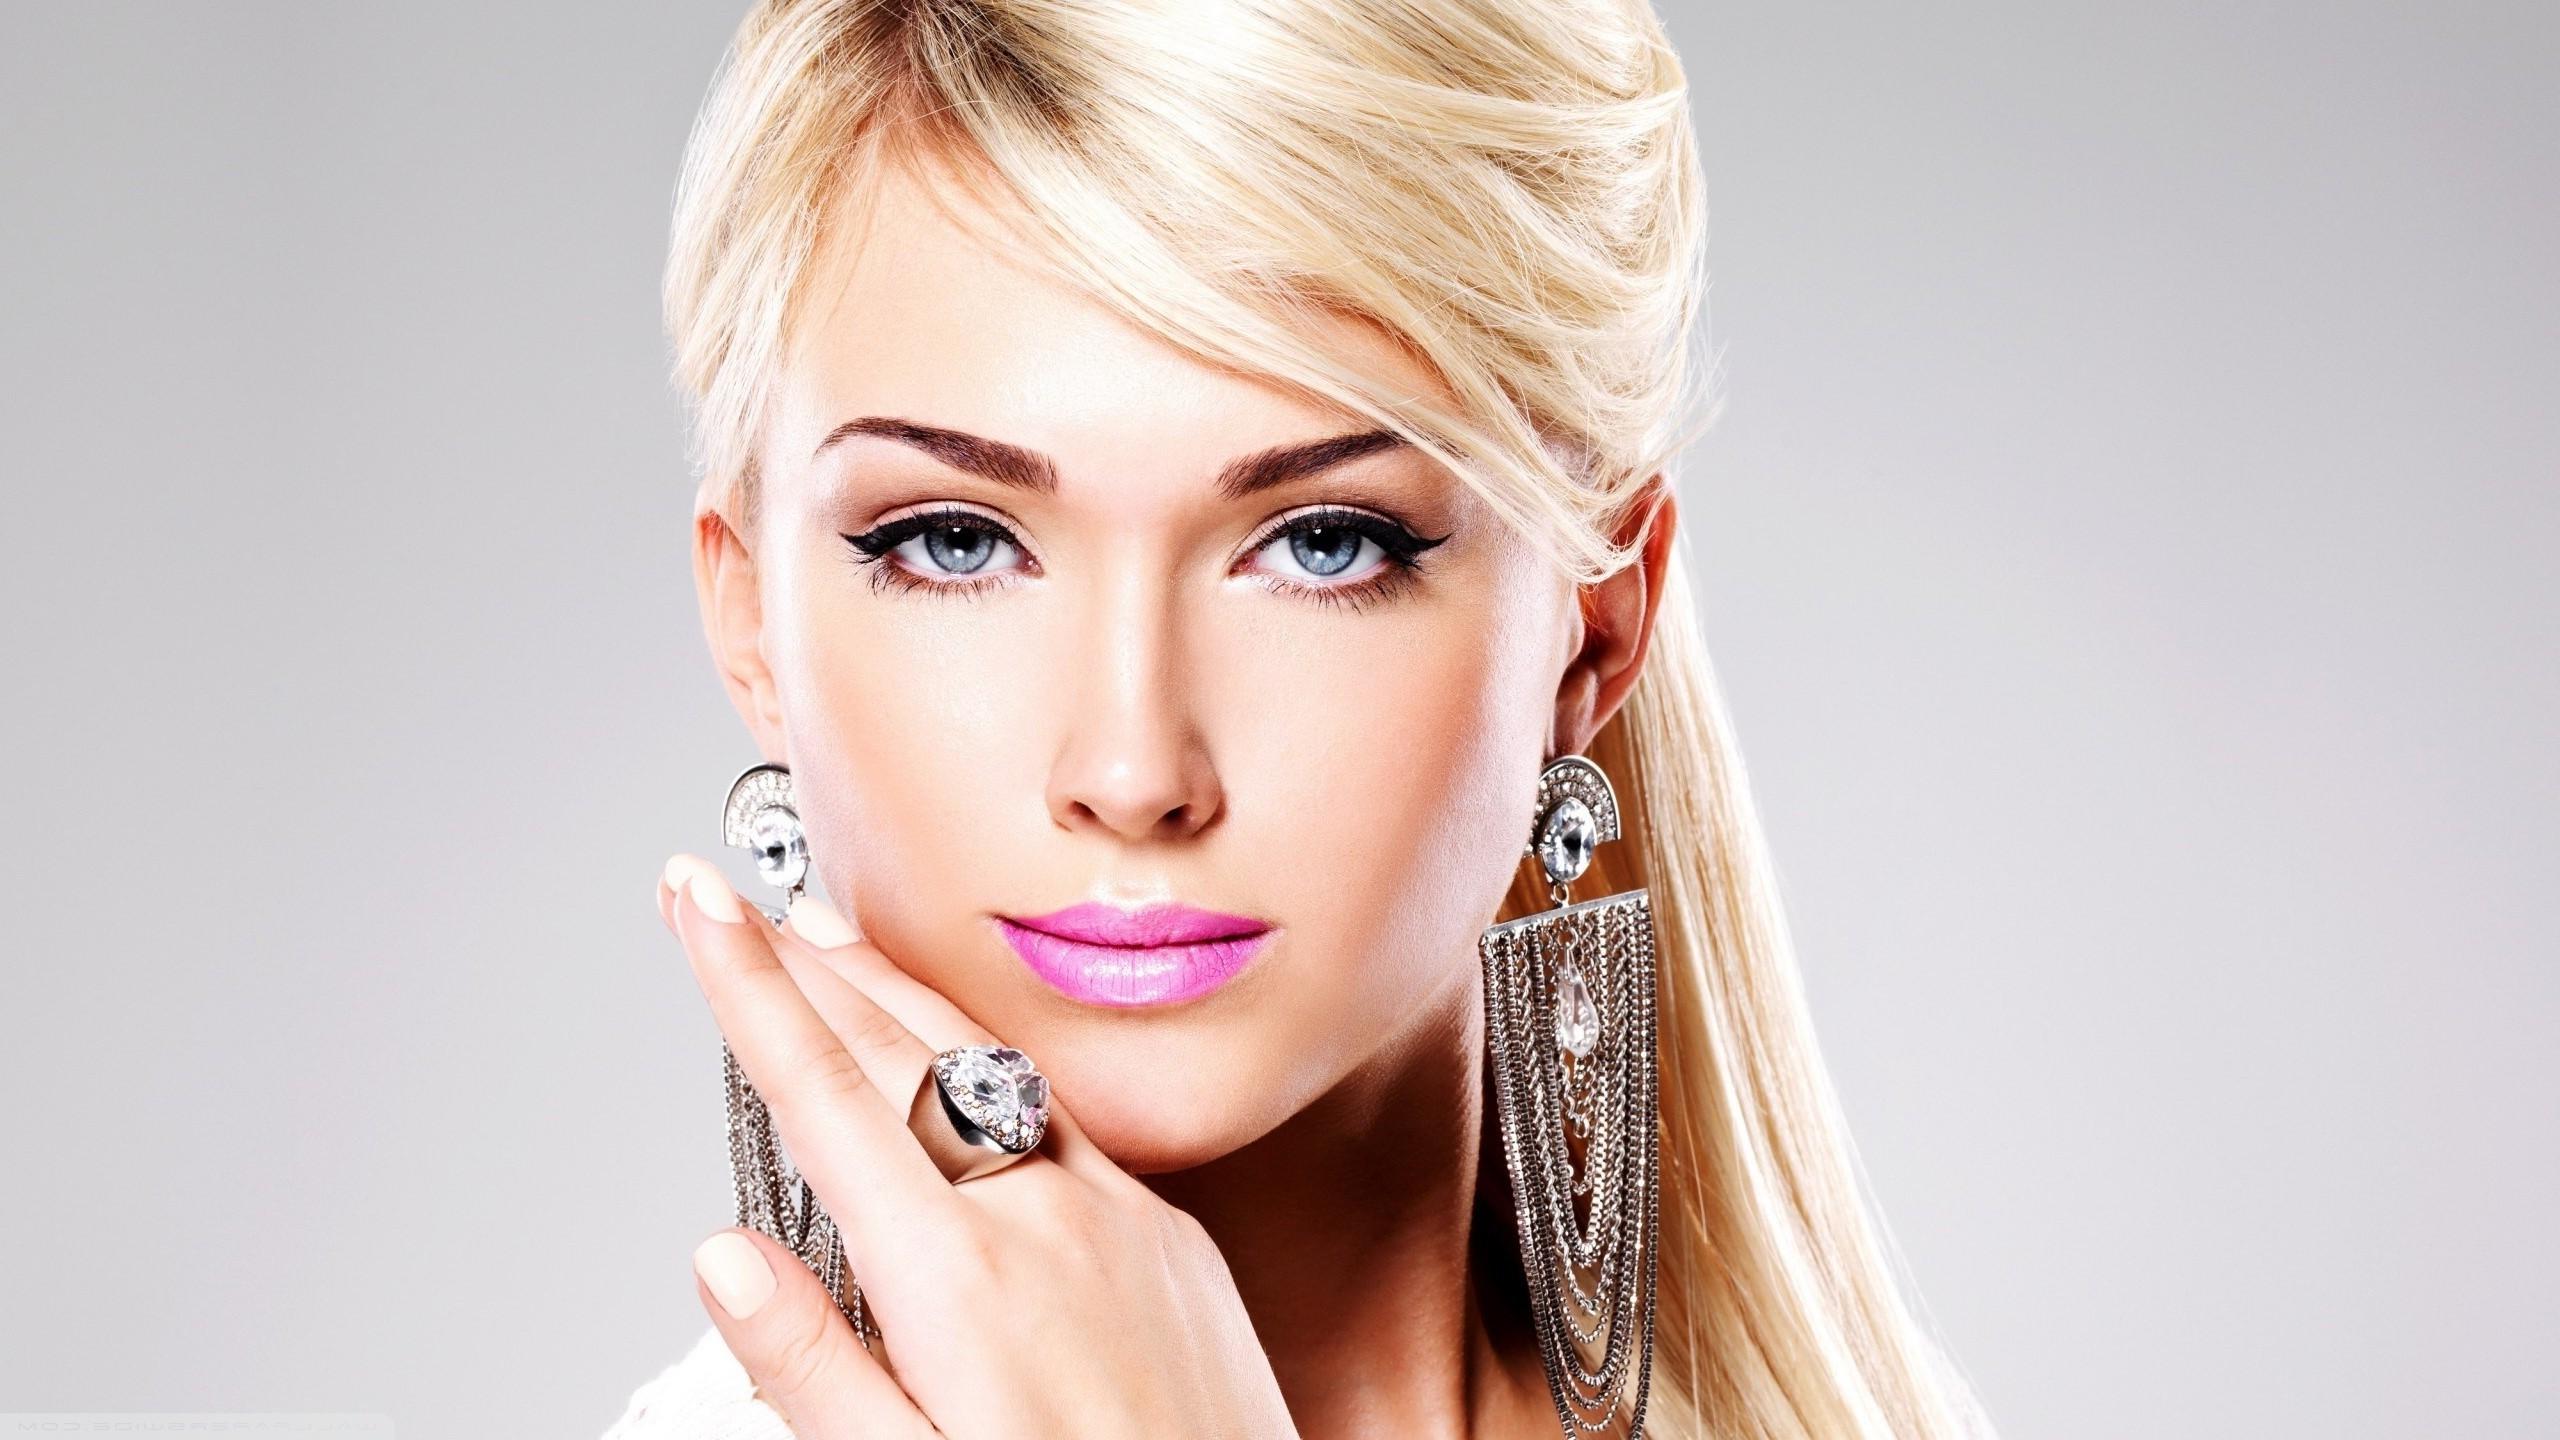 Hintergrundbilder Gesicht Frau Modell Blond Lange Haare